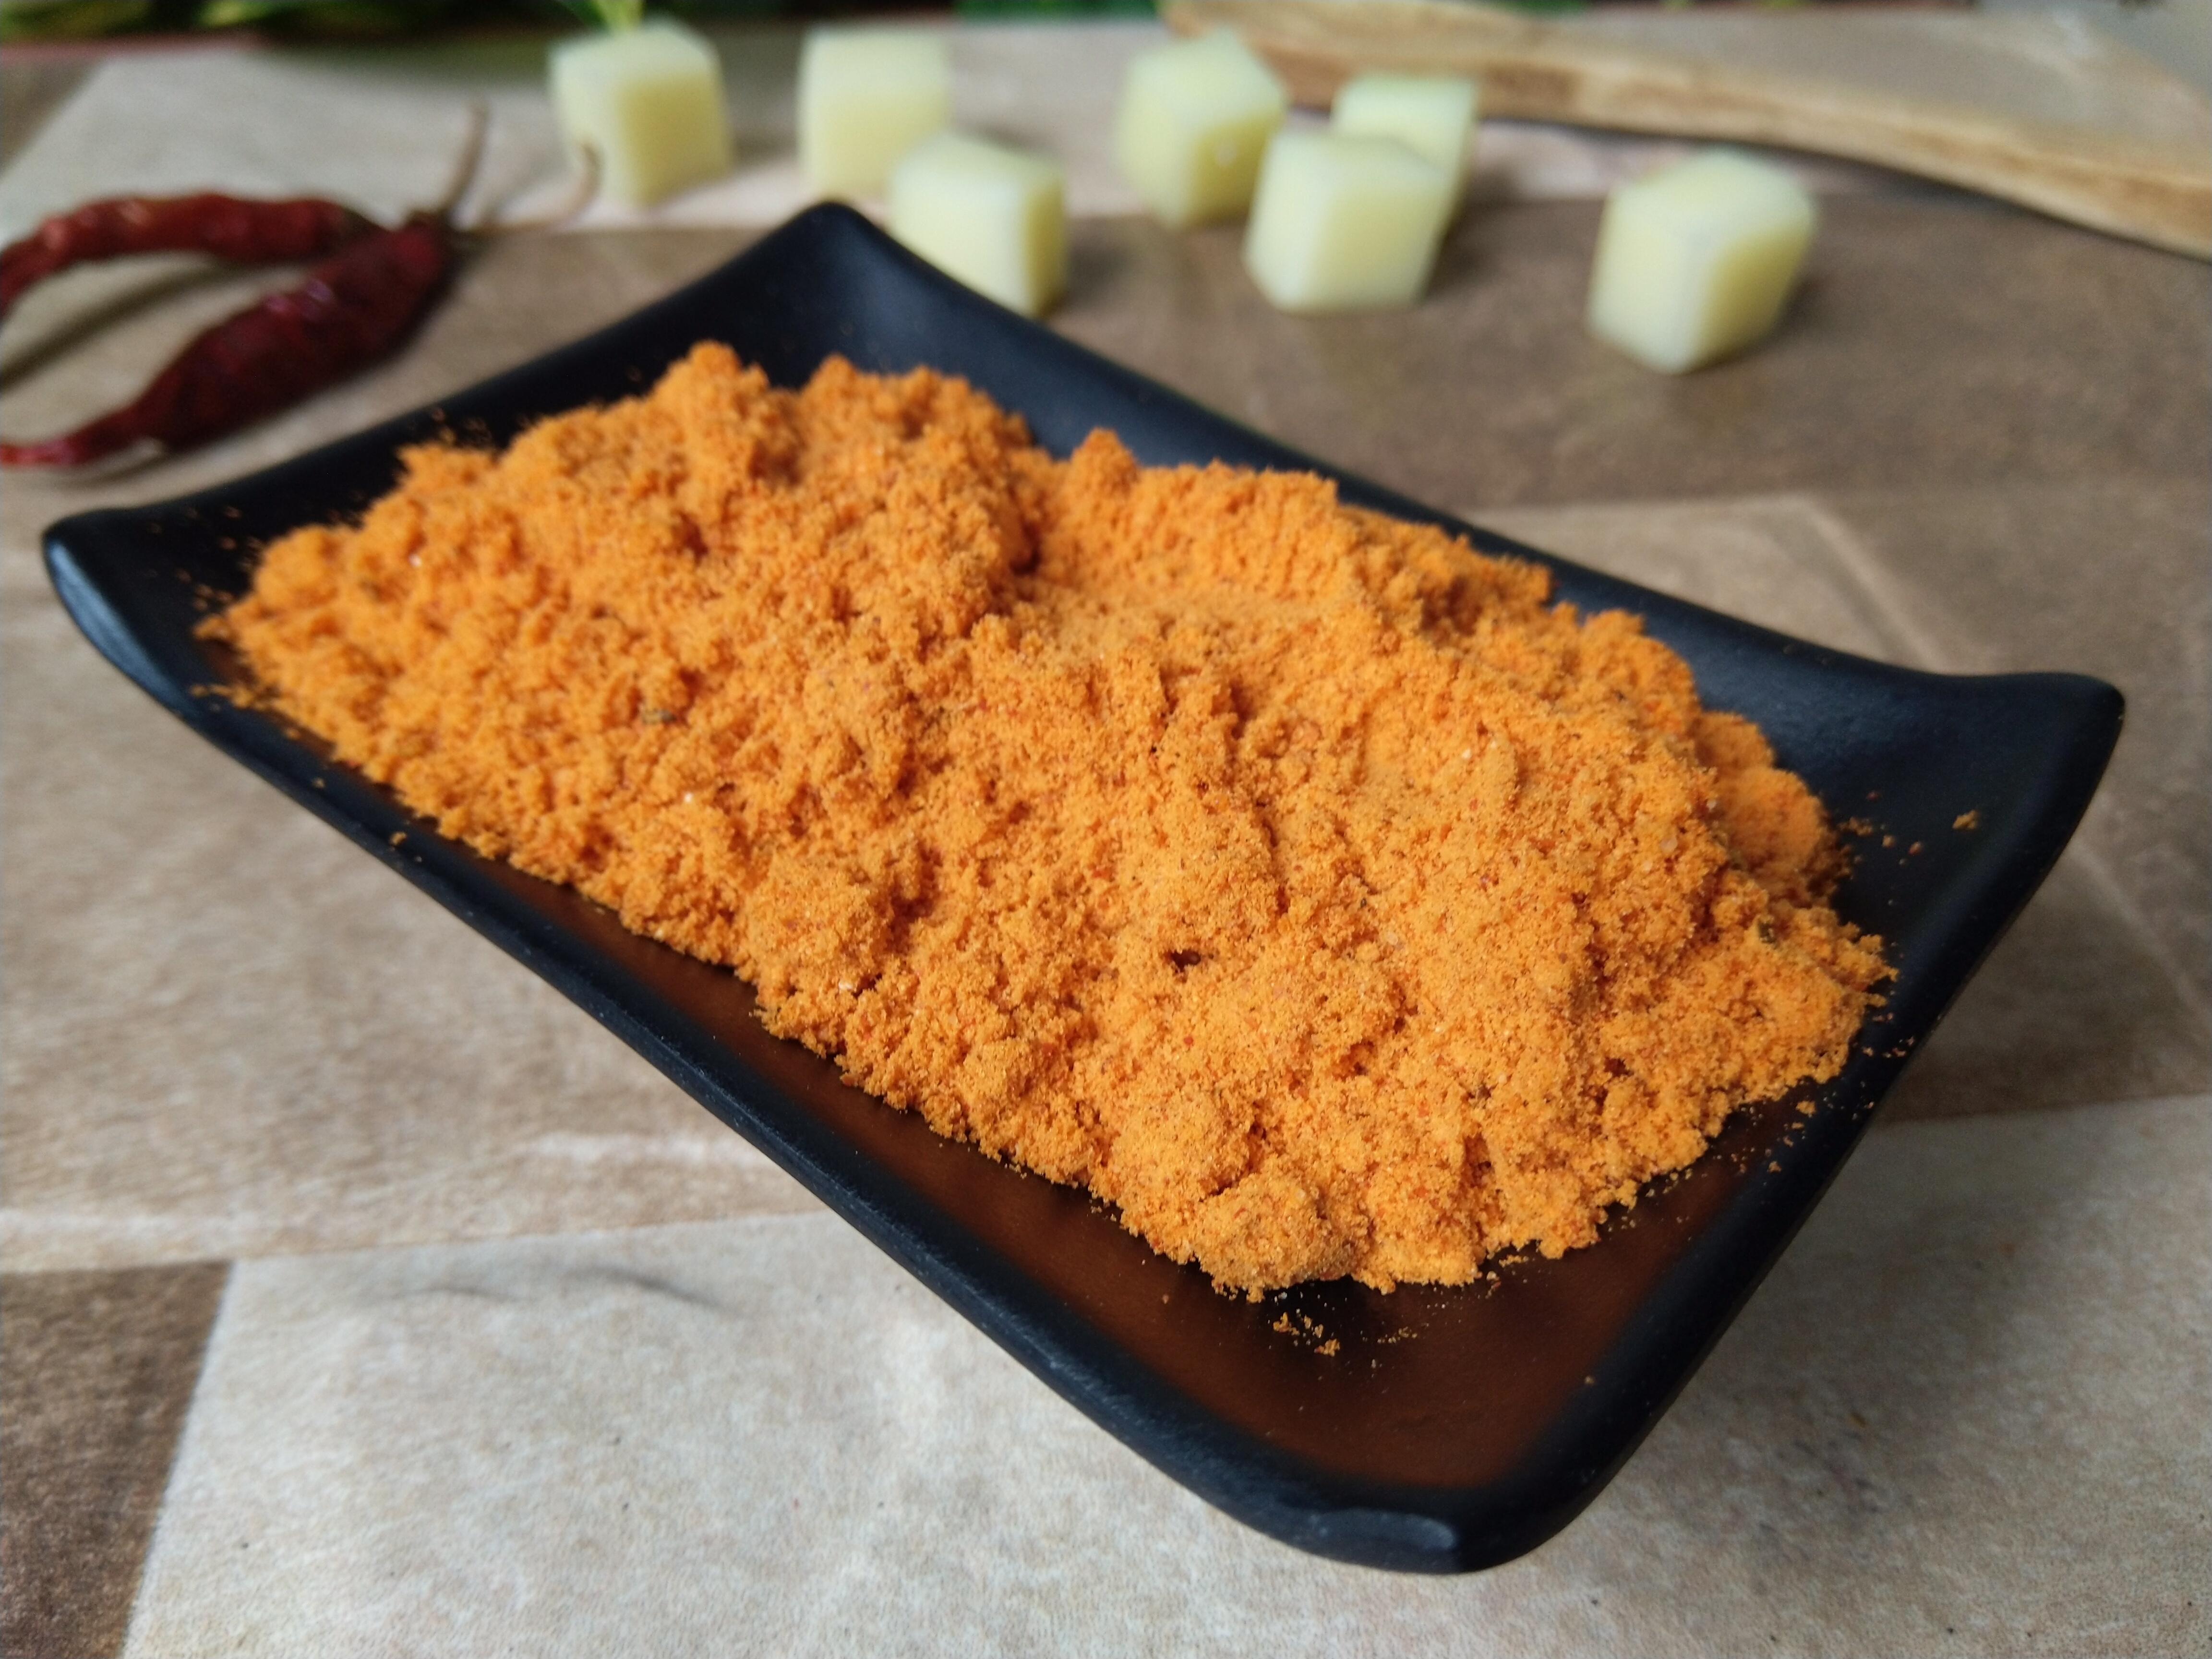 Jain Peri Peri Seasoning